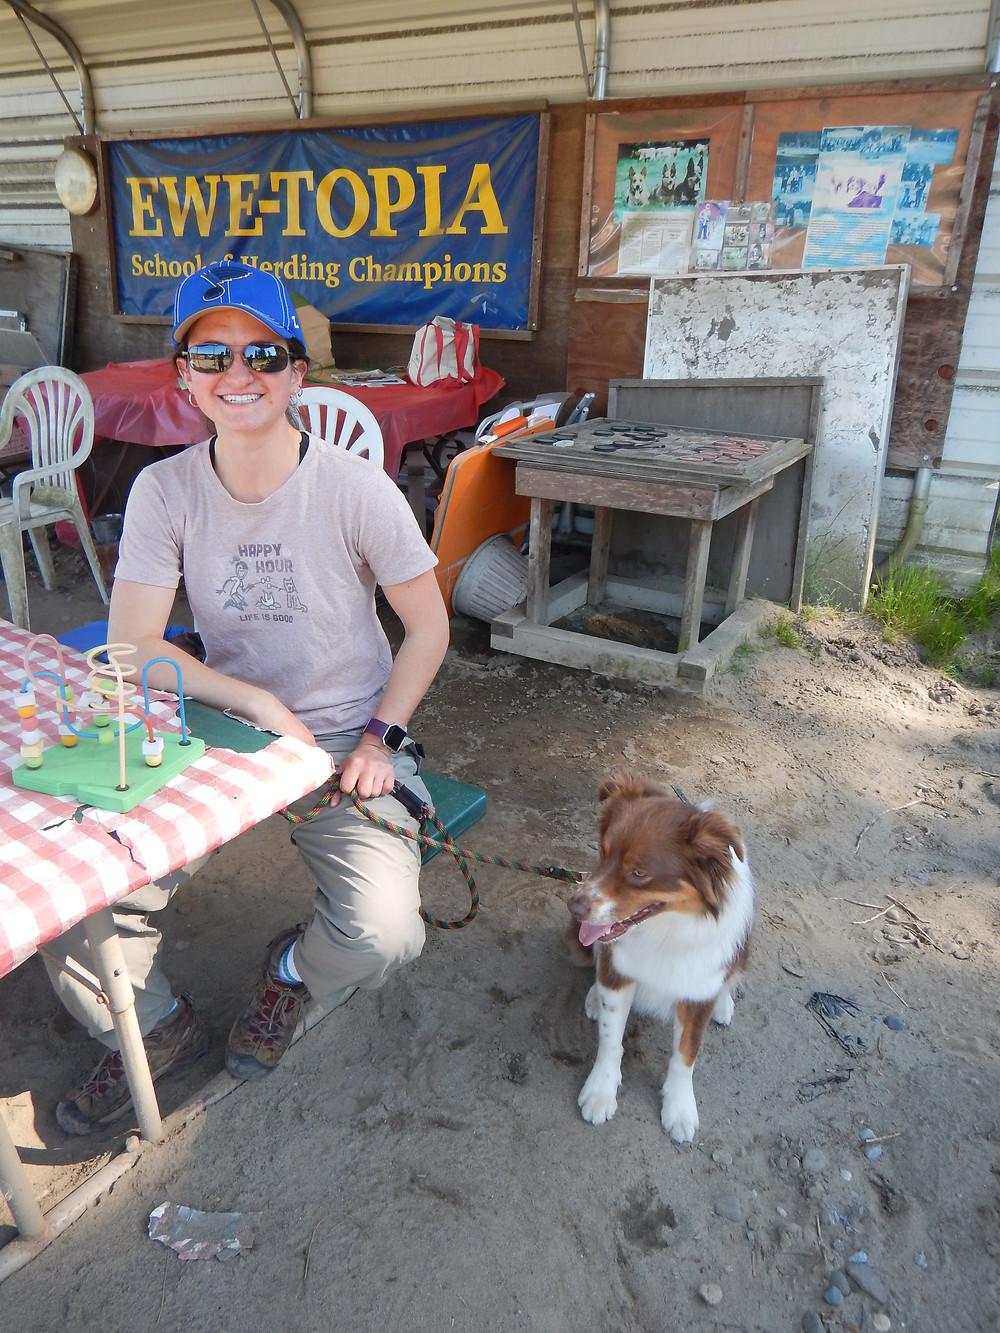 Figure 2: Myself and Zen at Ewetopia.